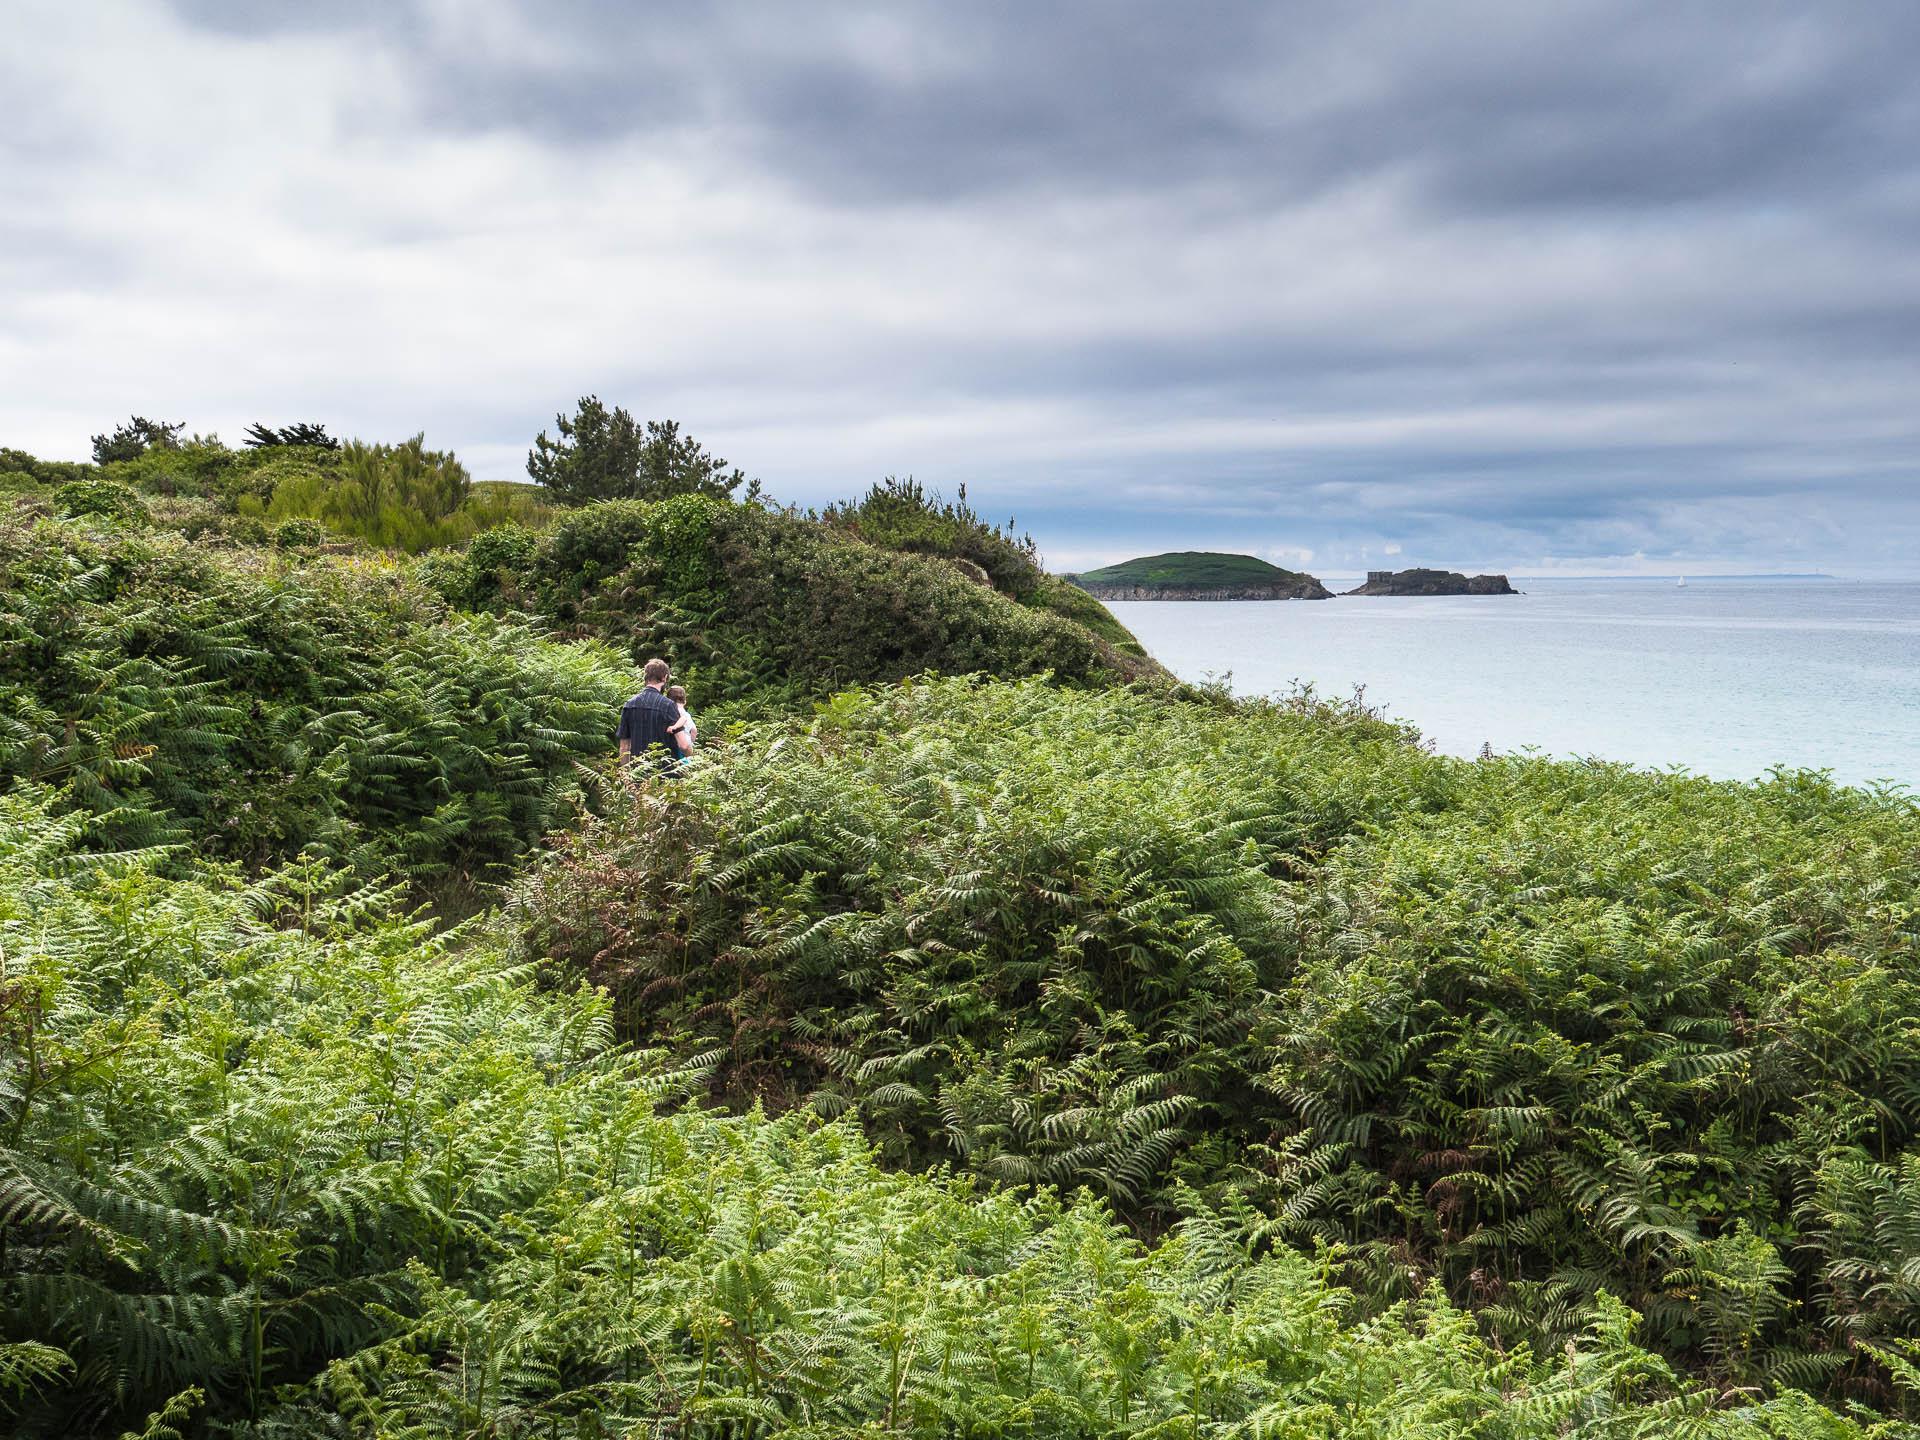 le conquet kermorvan fougeres - Les globe blogueurs - blog voyage nature